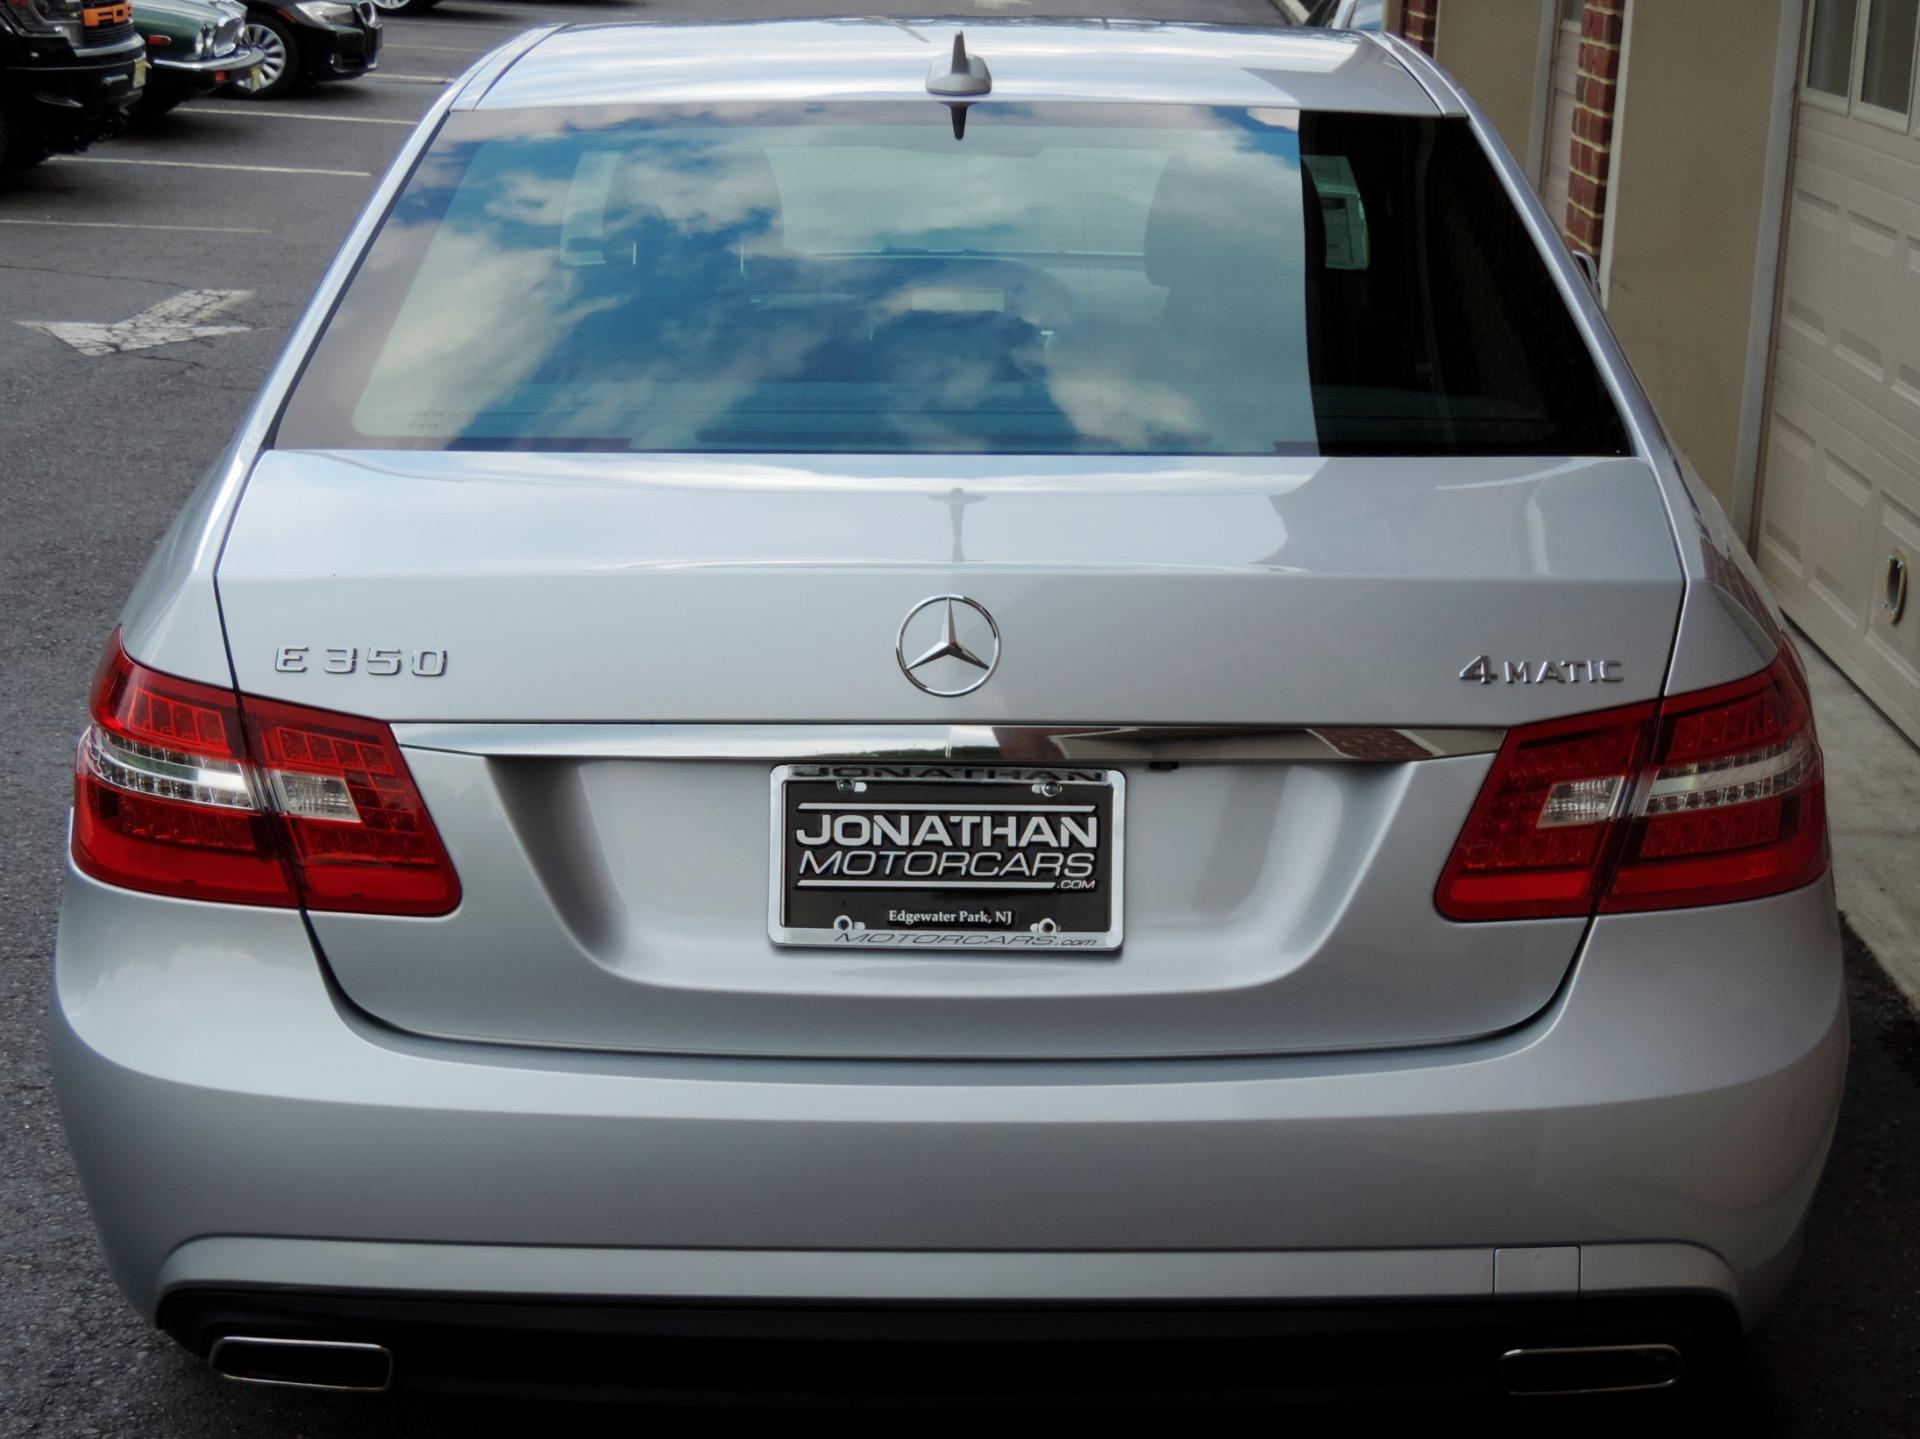 Superb Mercedes Benz Dealers In Nj U003eu003e 2011 Mercedes Benz E Class E 350